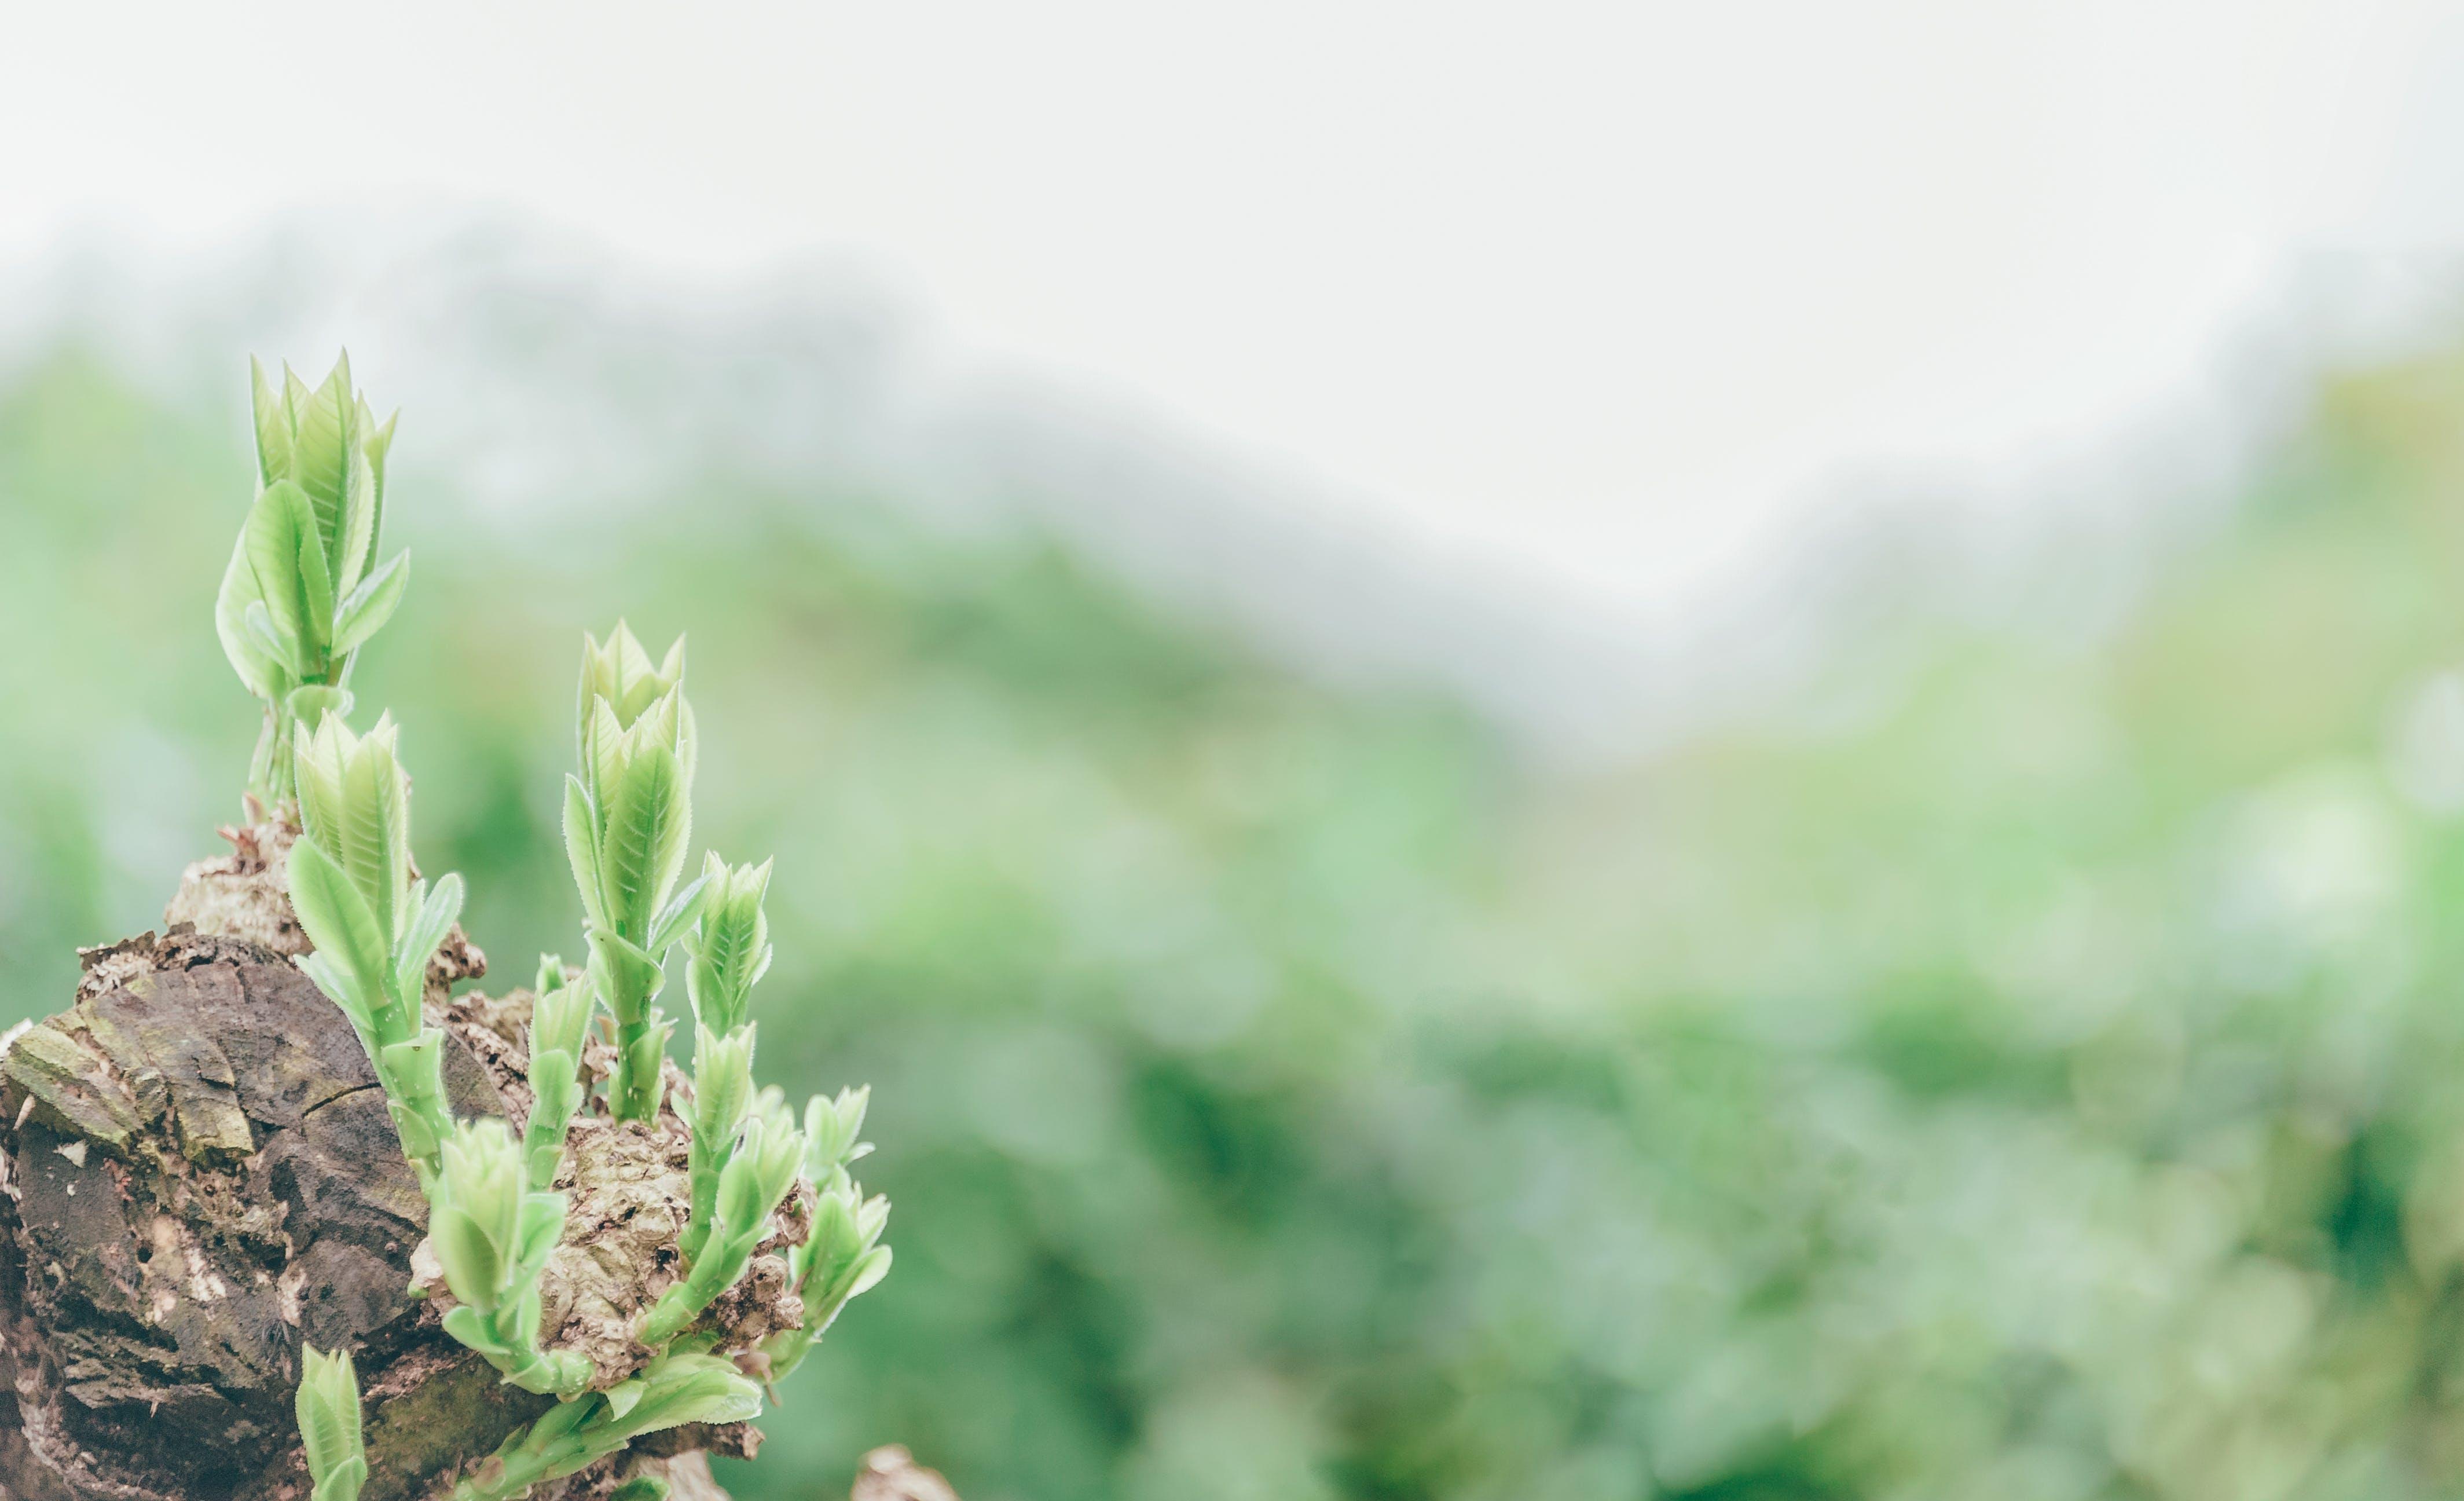 ぼかし, ファーム, フローラ, 夏の無料の写真素材